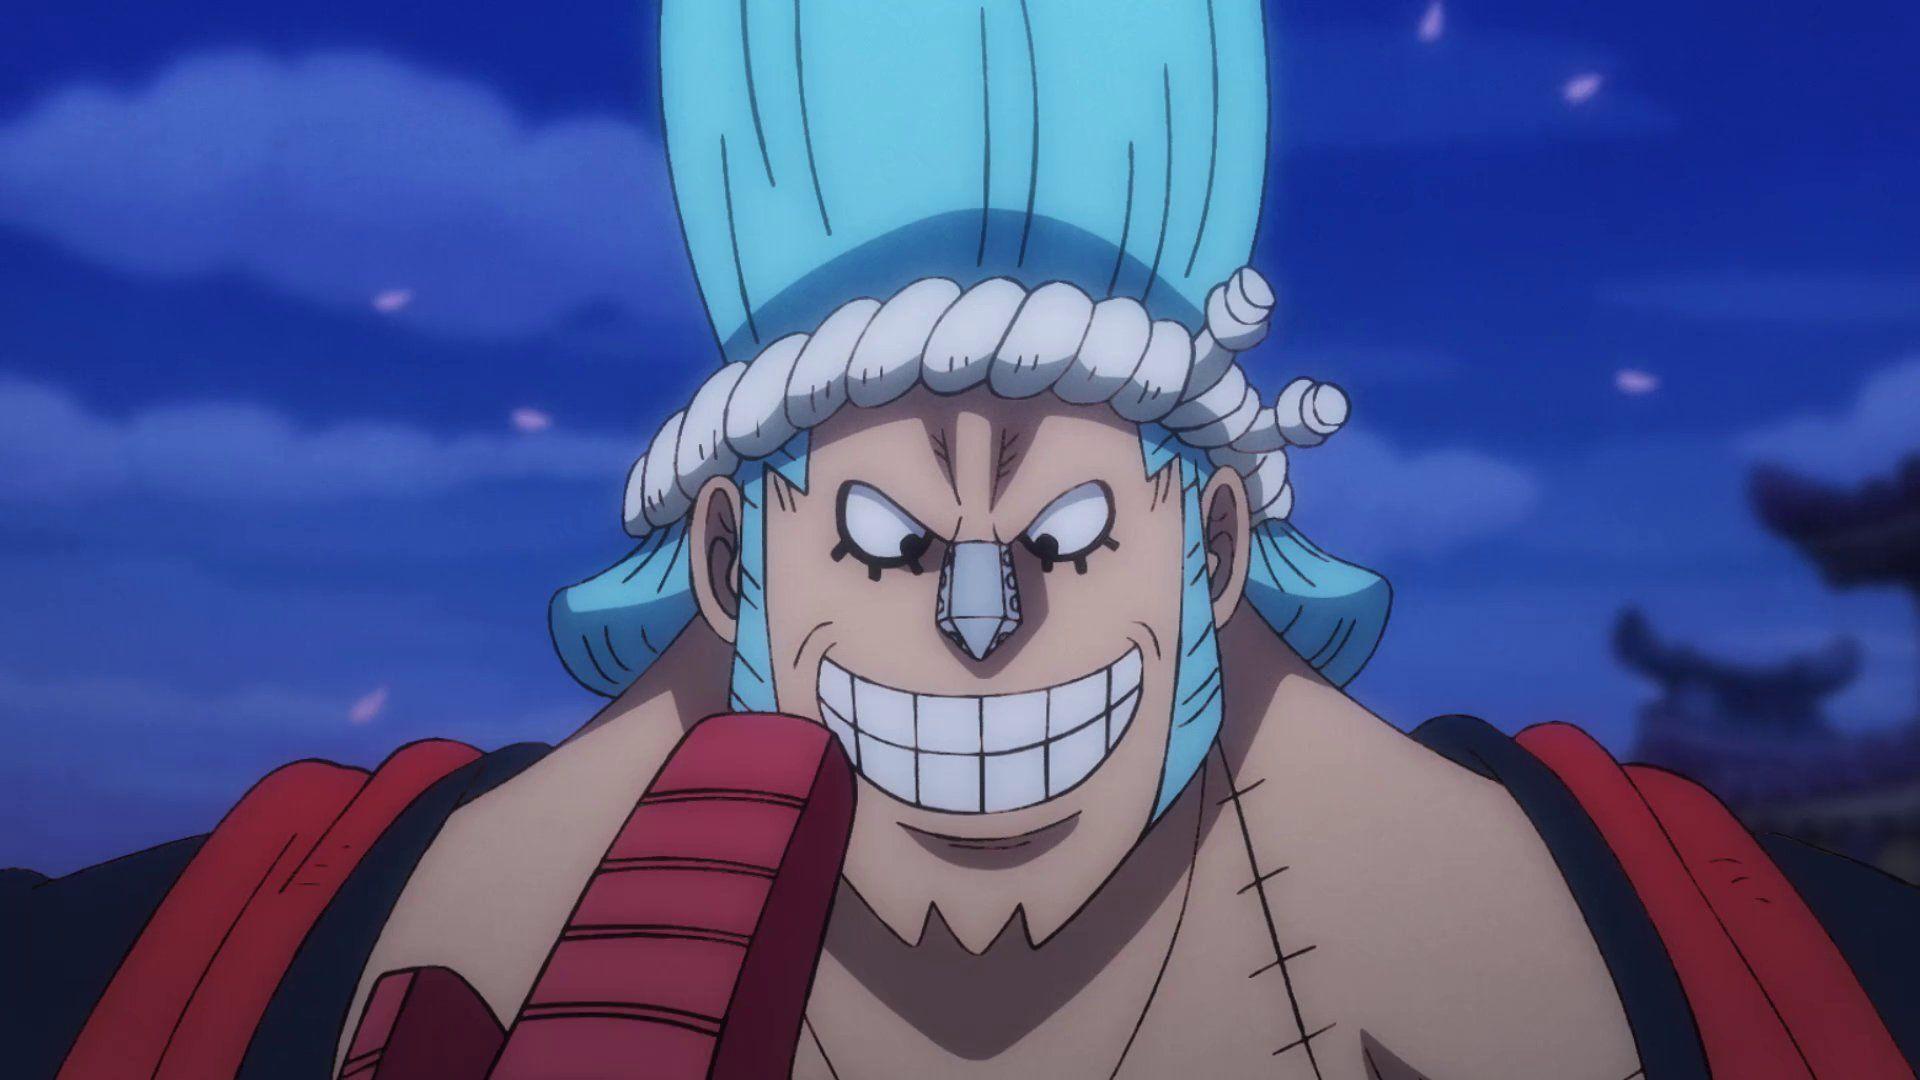 Épinglé par ukwonic sur One Piece en 2020